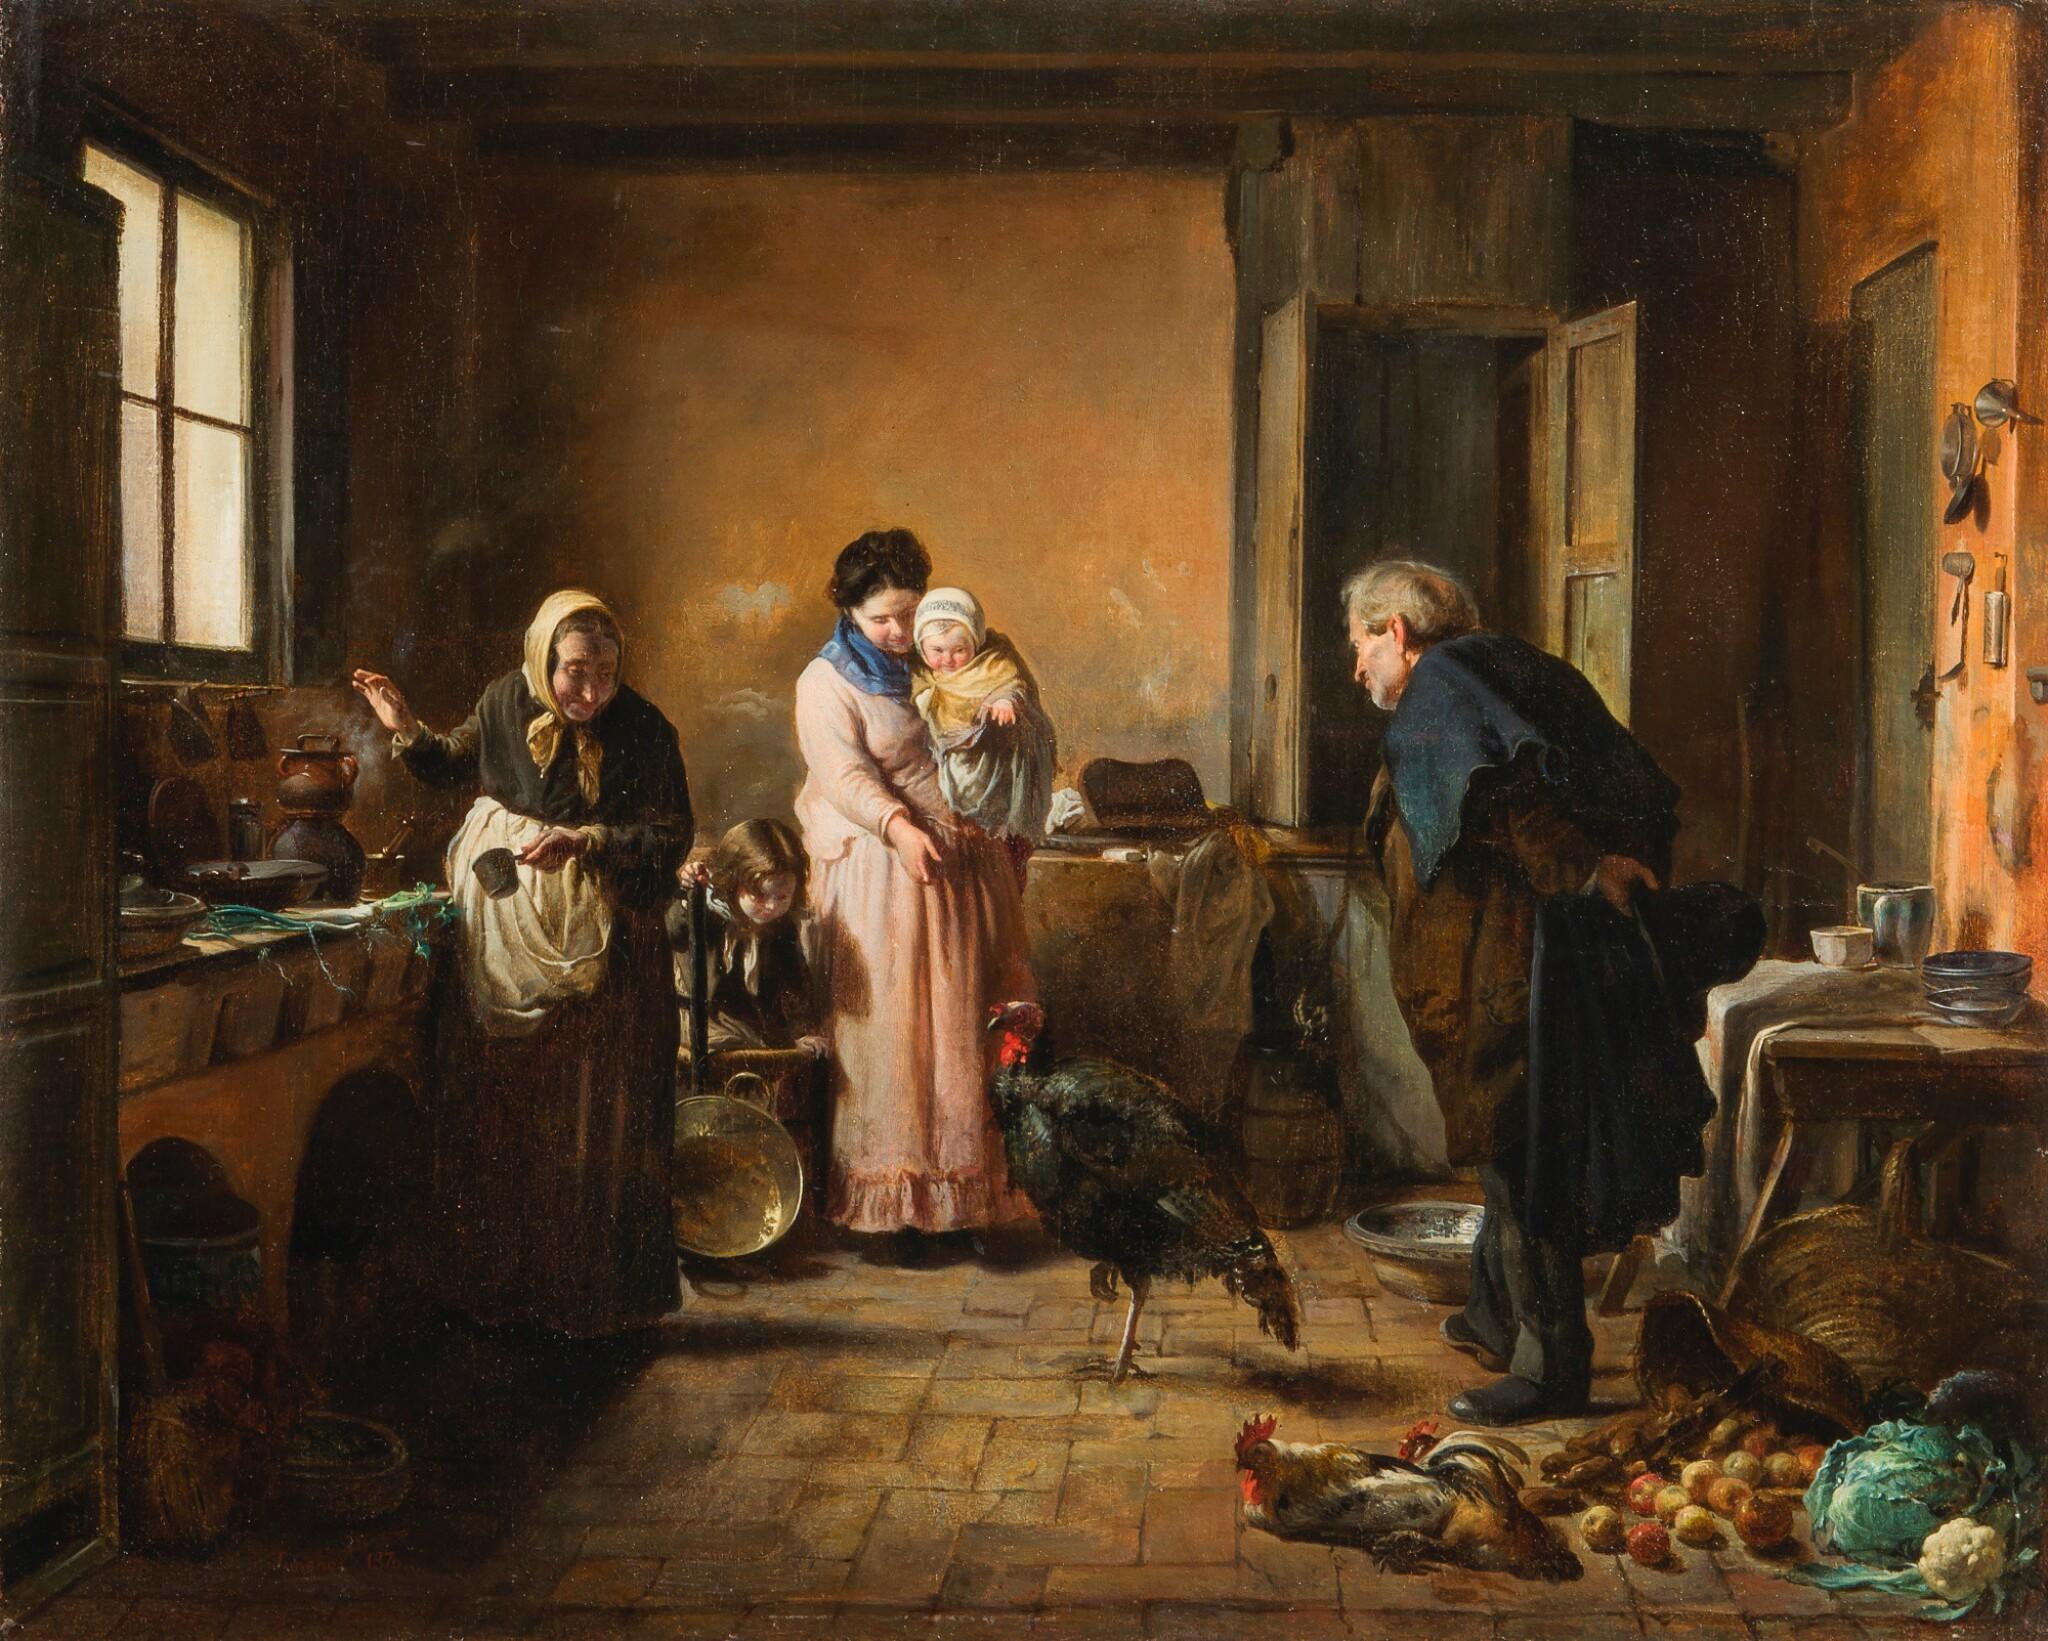 JOSÉ JIMÉNEZ Y ARANDA | El pavo de Nochebuena (The Christmas turkey)